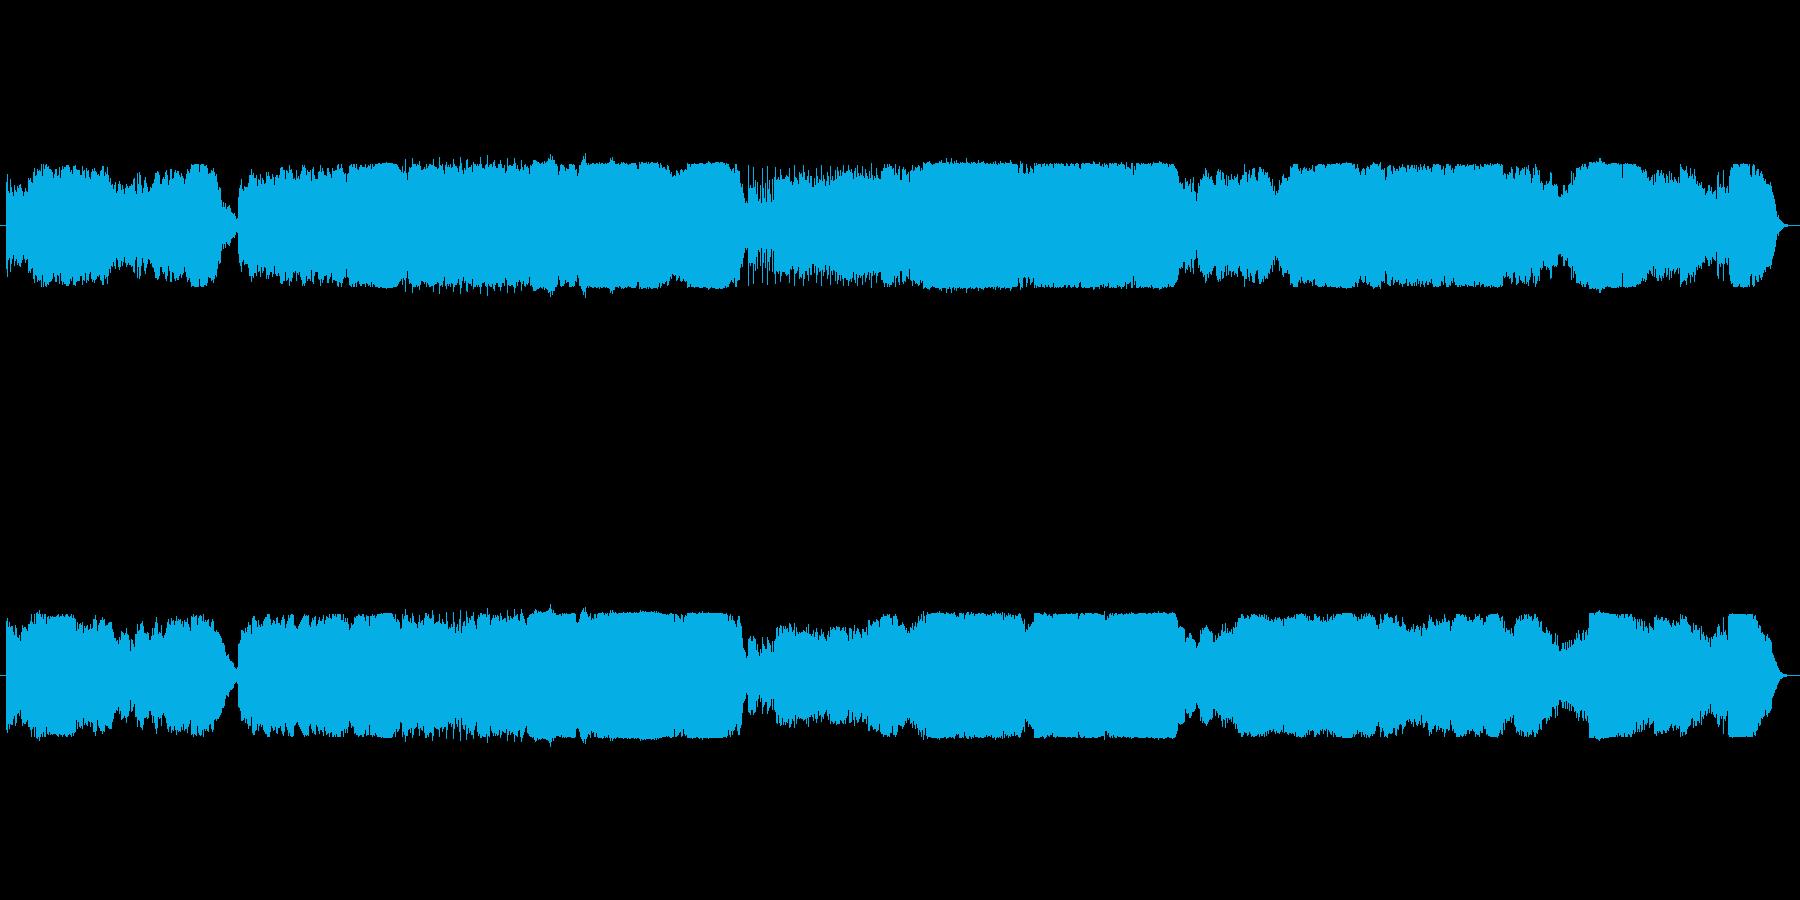 オーケストラ 爆発 ドカーンの再生済みの波形